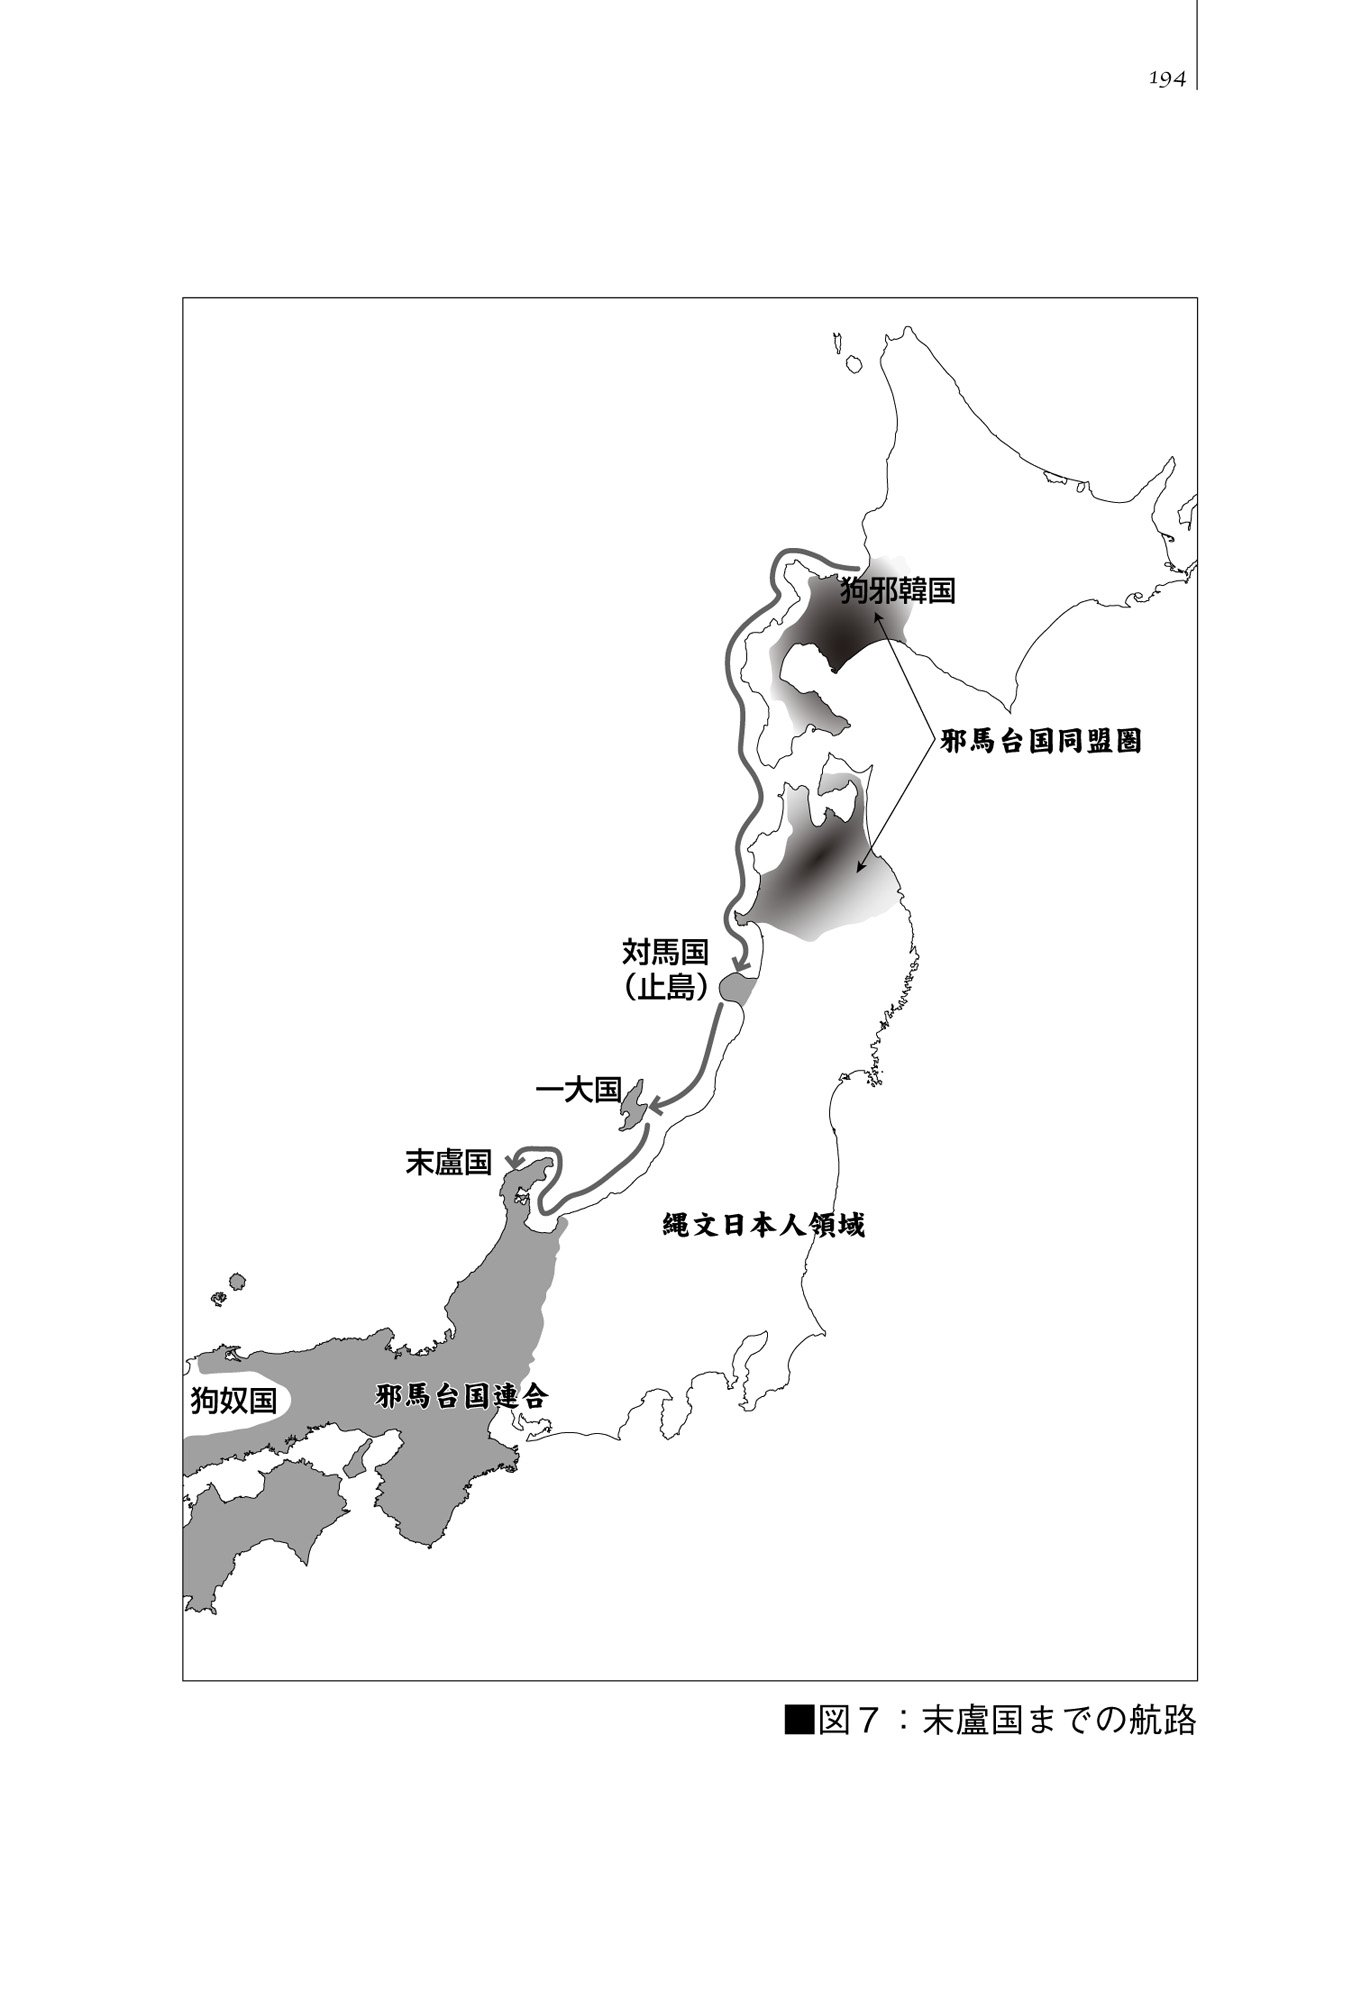 戦乱の邪馬台国 失われた航跡